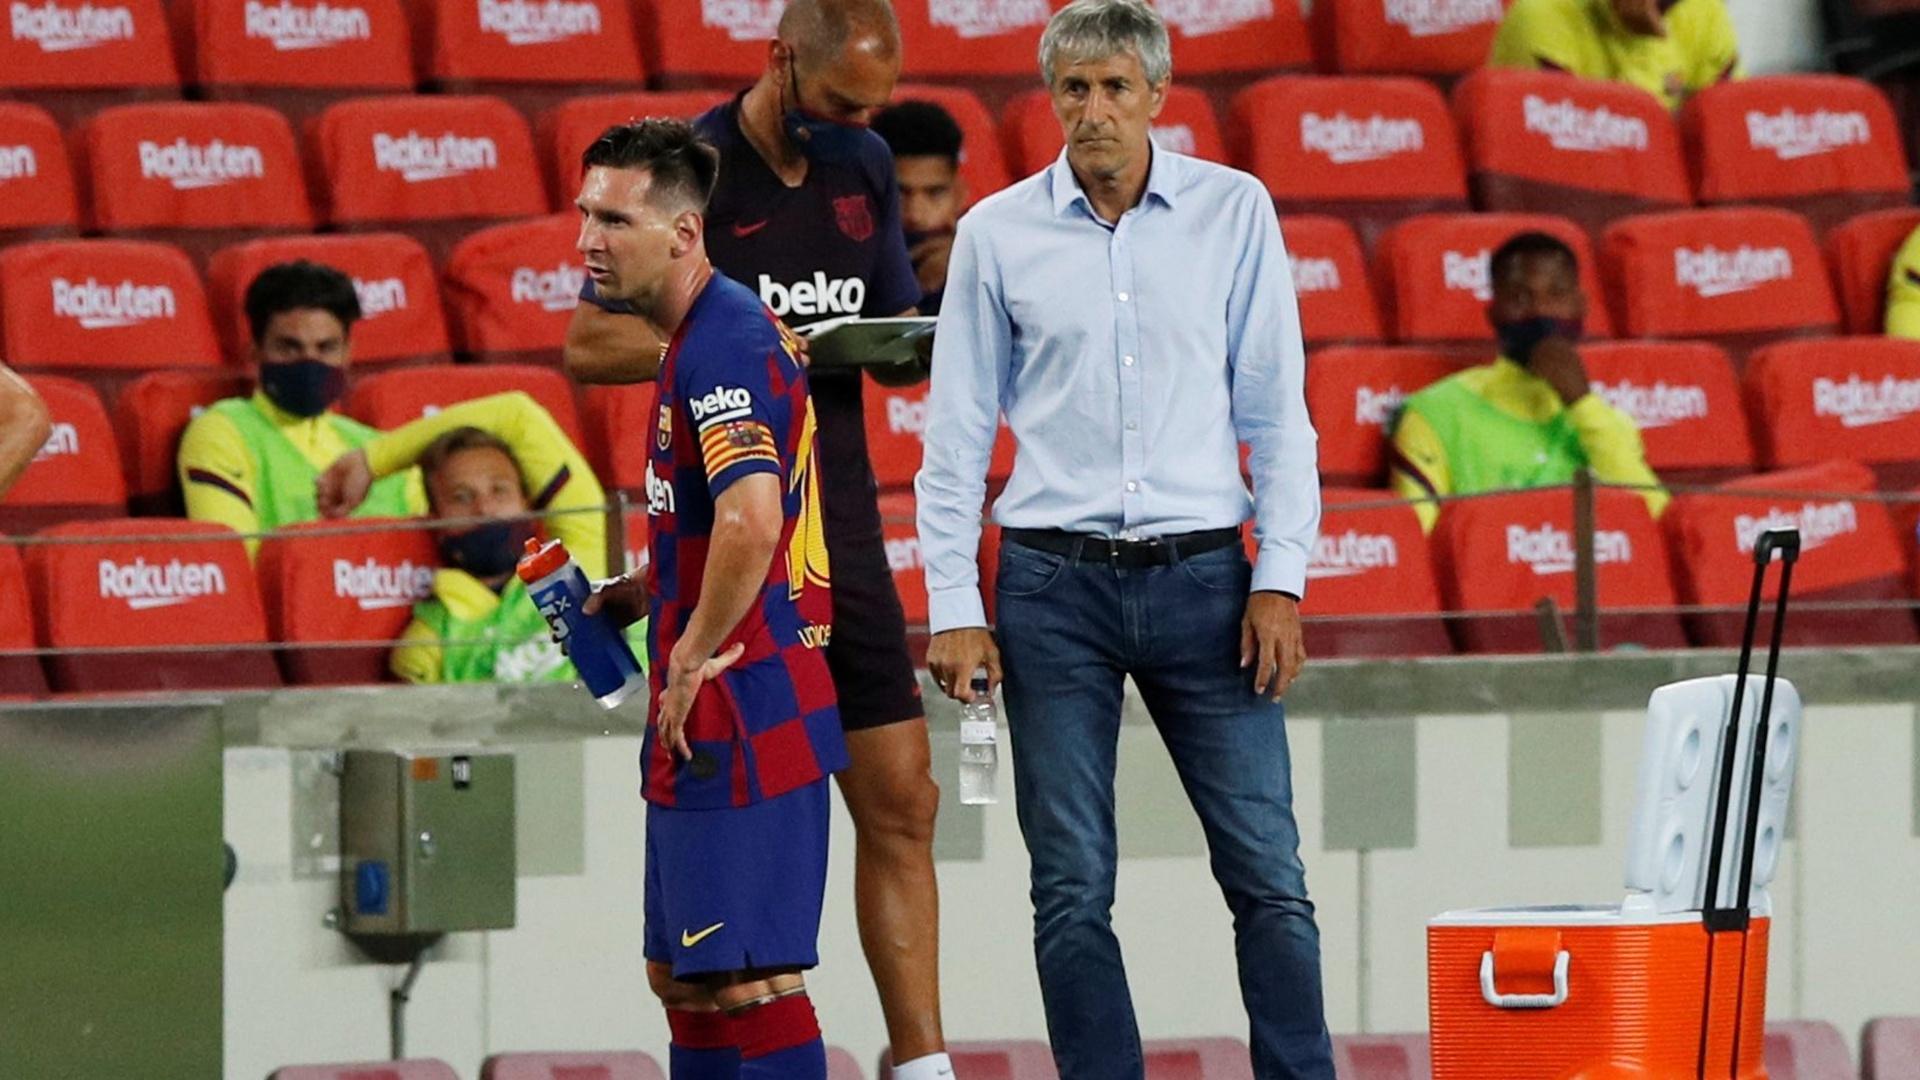 مدرب برشلونة يكسر صمته ويكشف موقفه من الرحيل عن البرسا